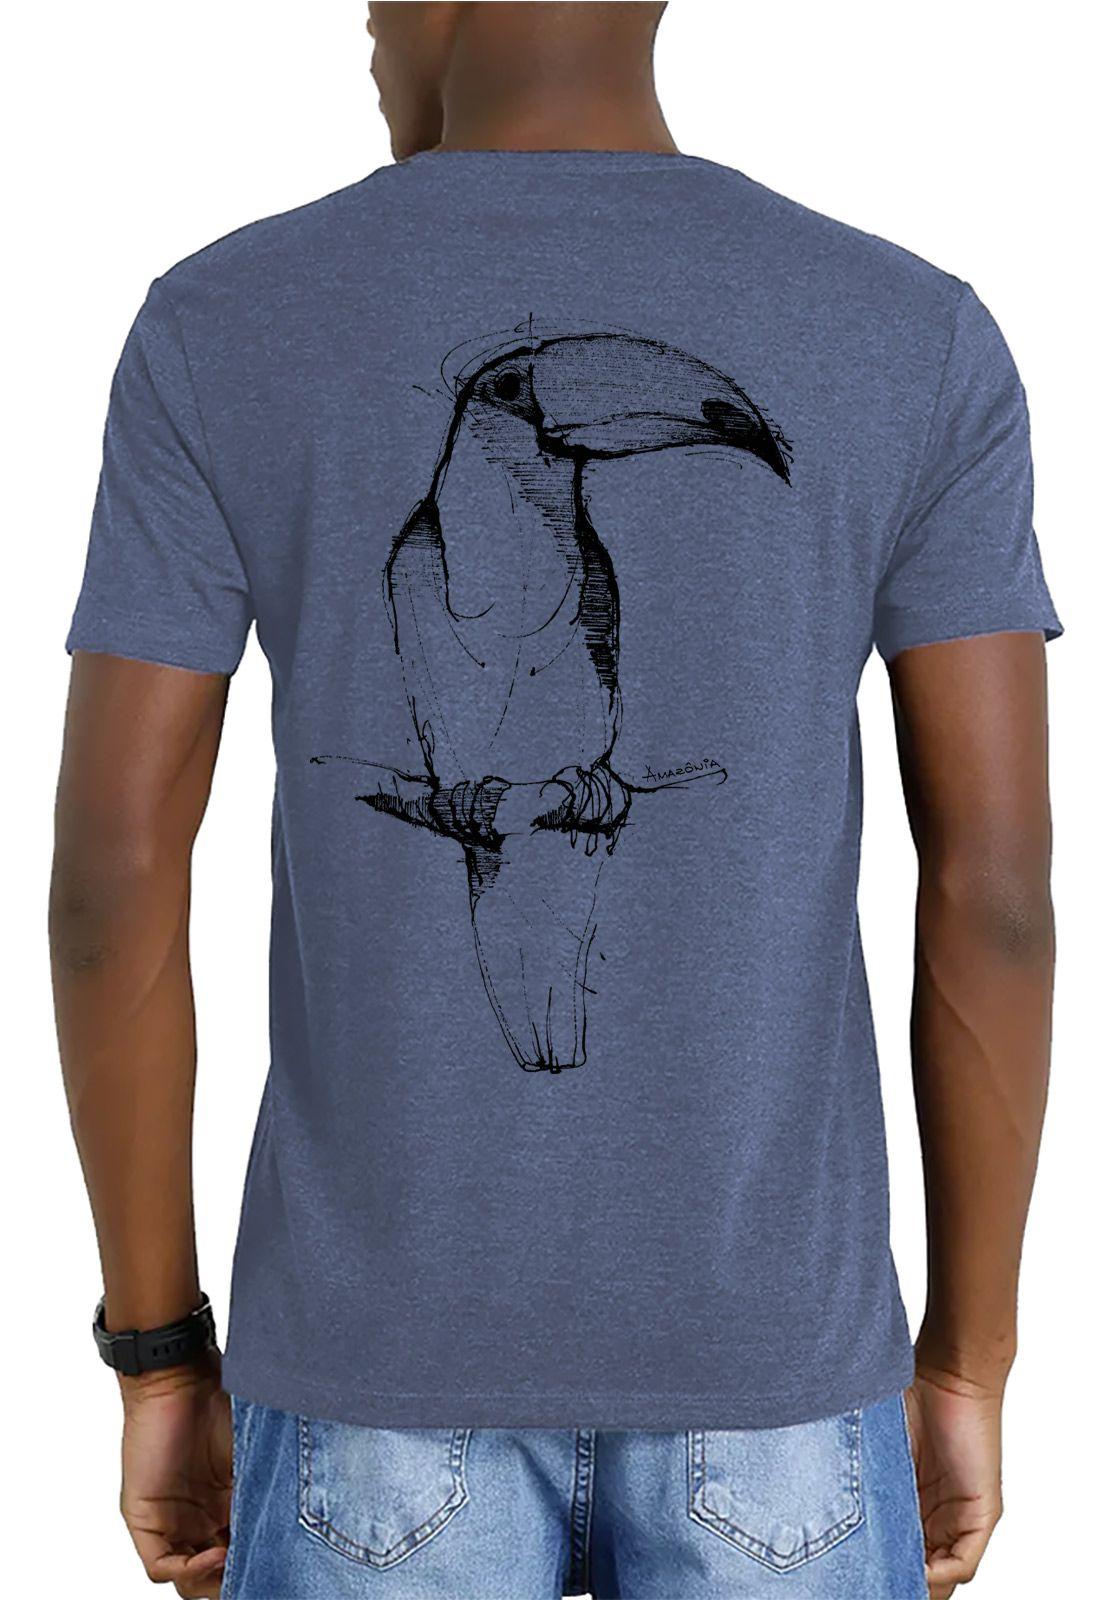 Camiseta Amazônia Garrafa Pet Tucano Desenho - Azul